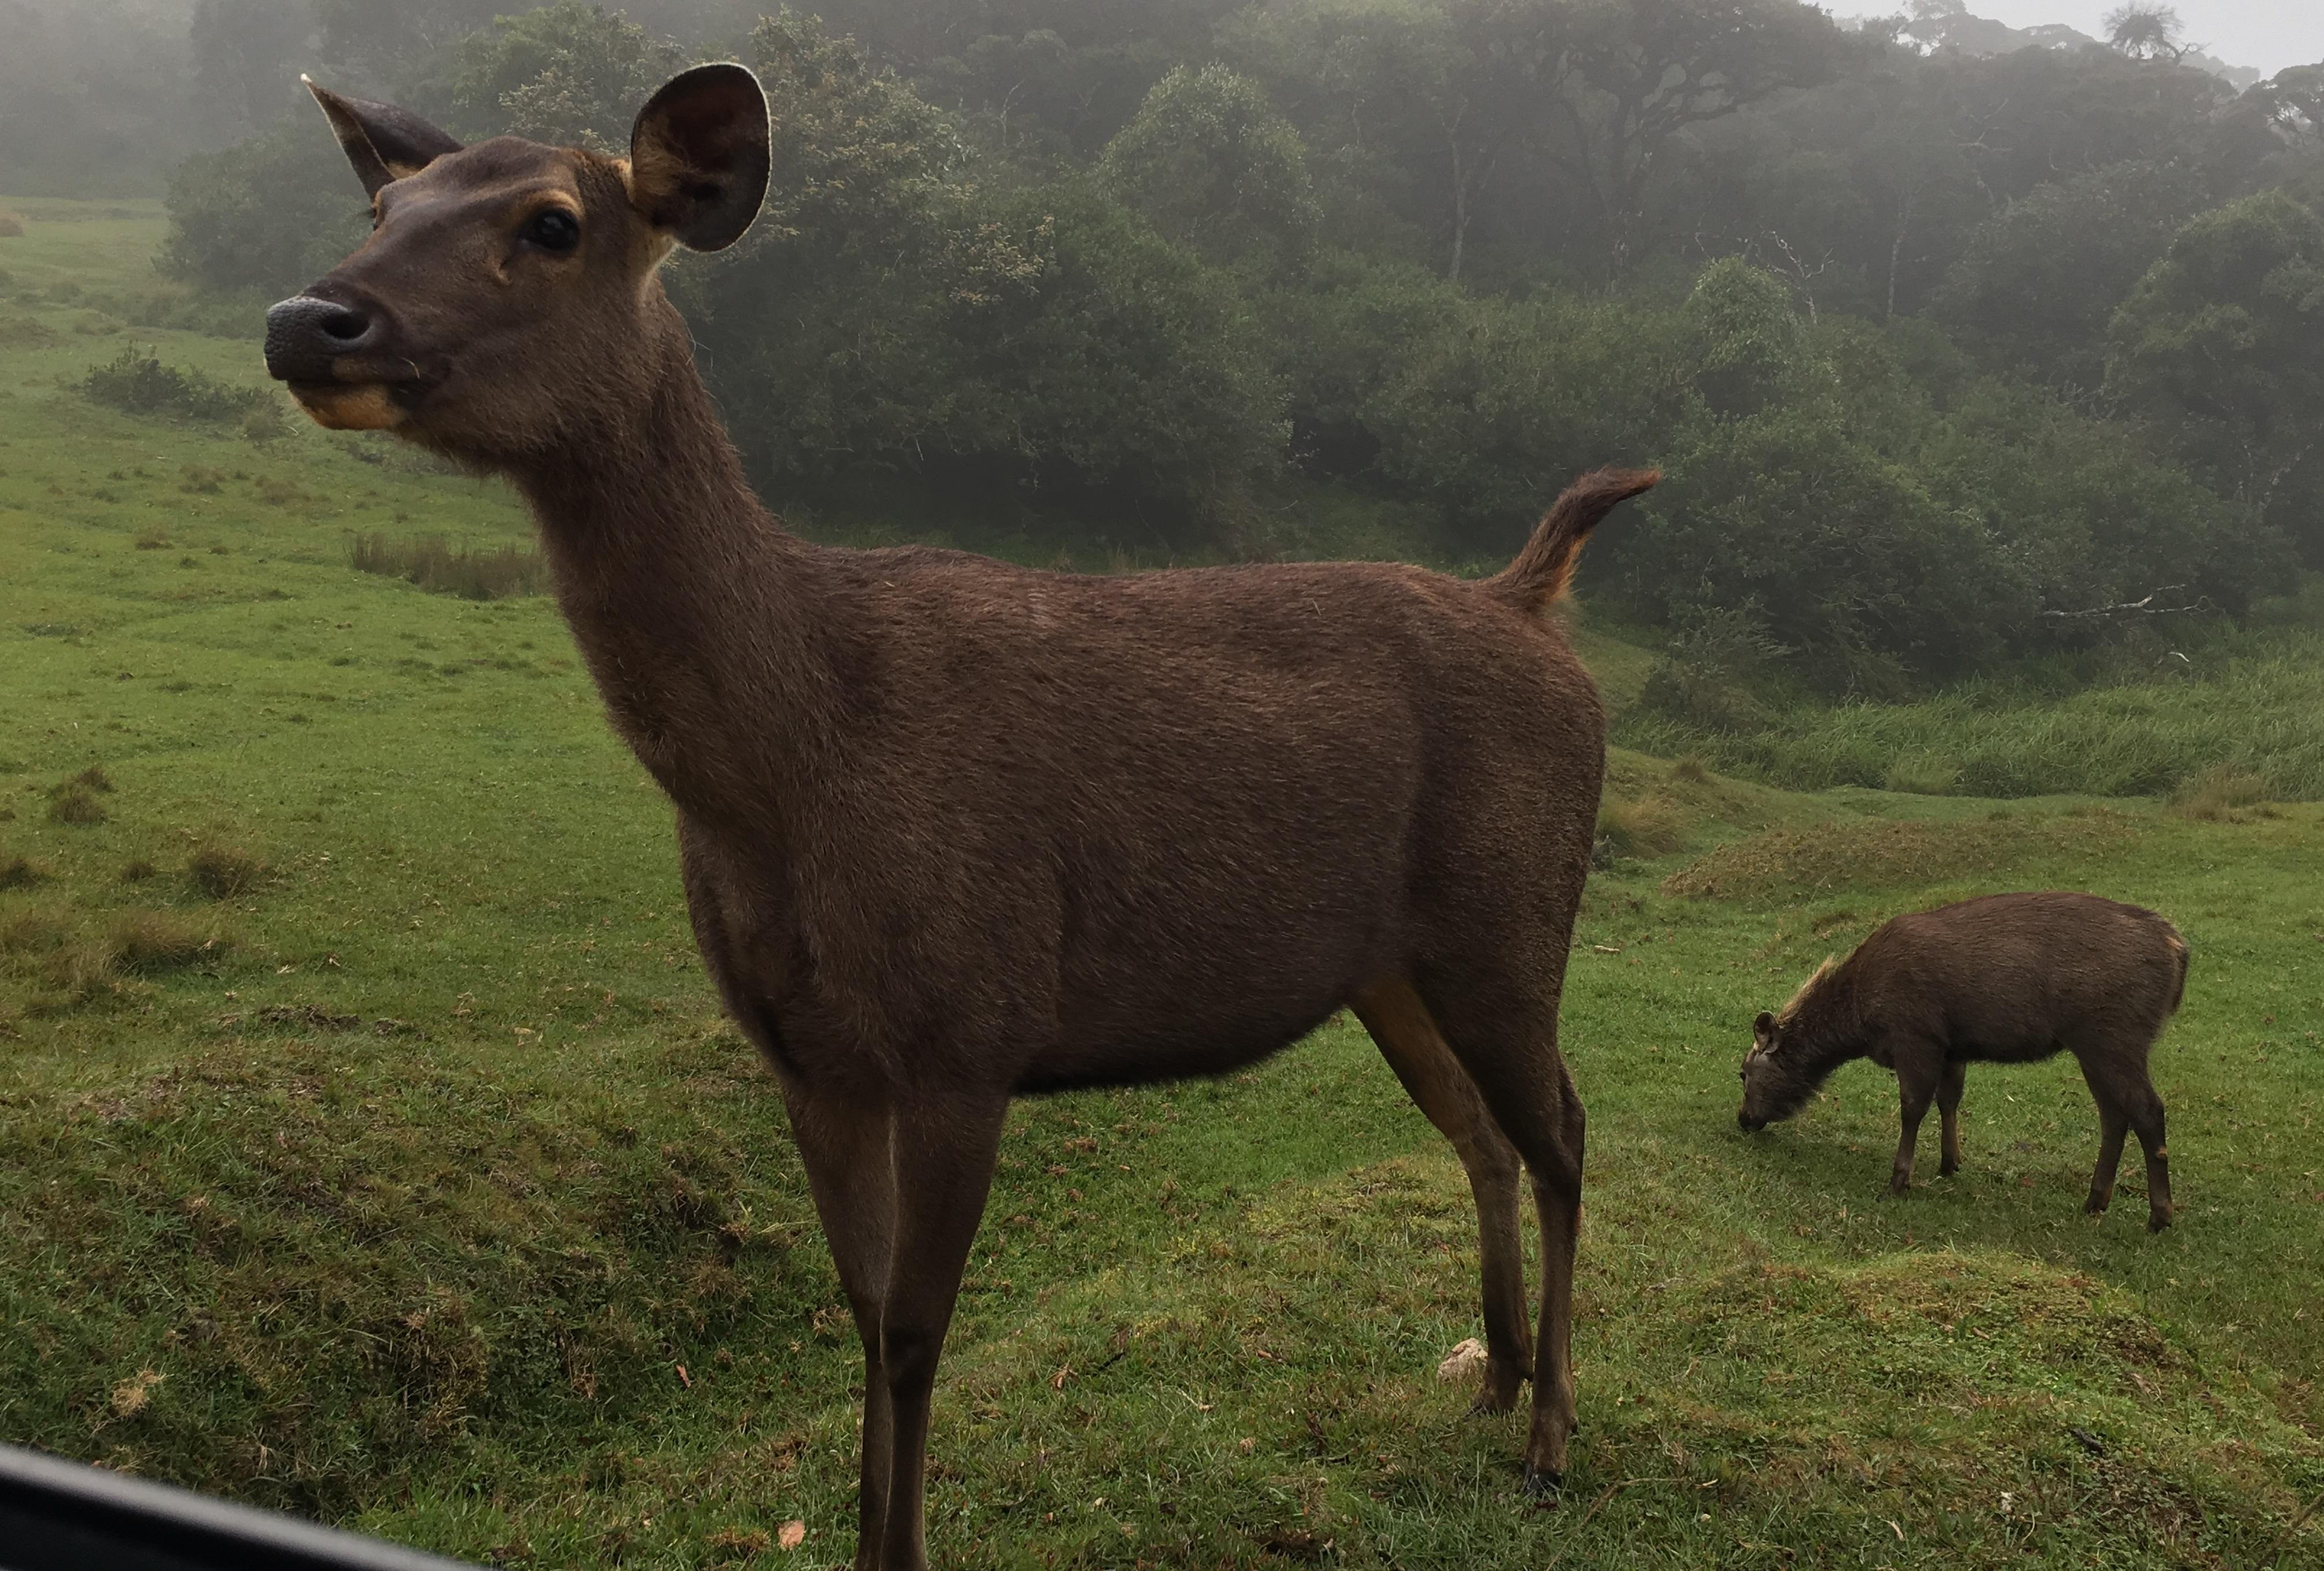 從霍頓平原到墾丁國家公園,台灣與世界自然遺產的差距